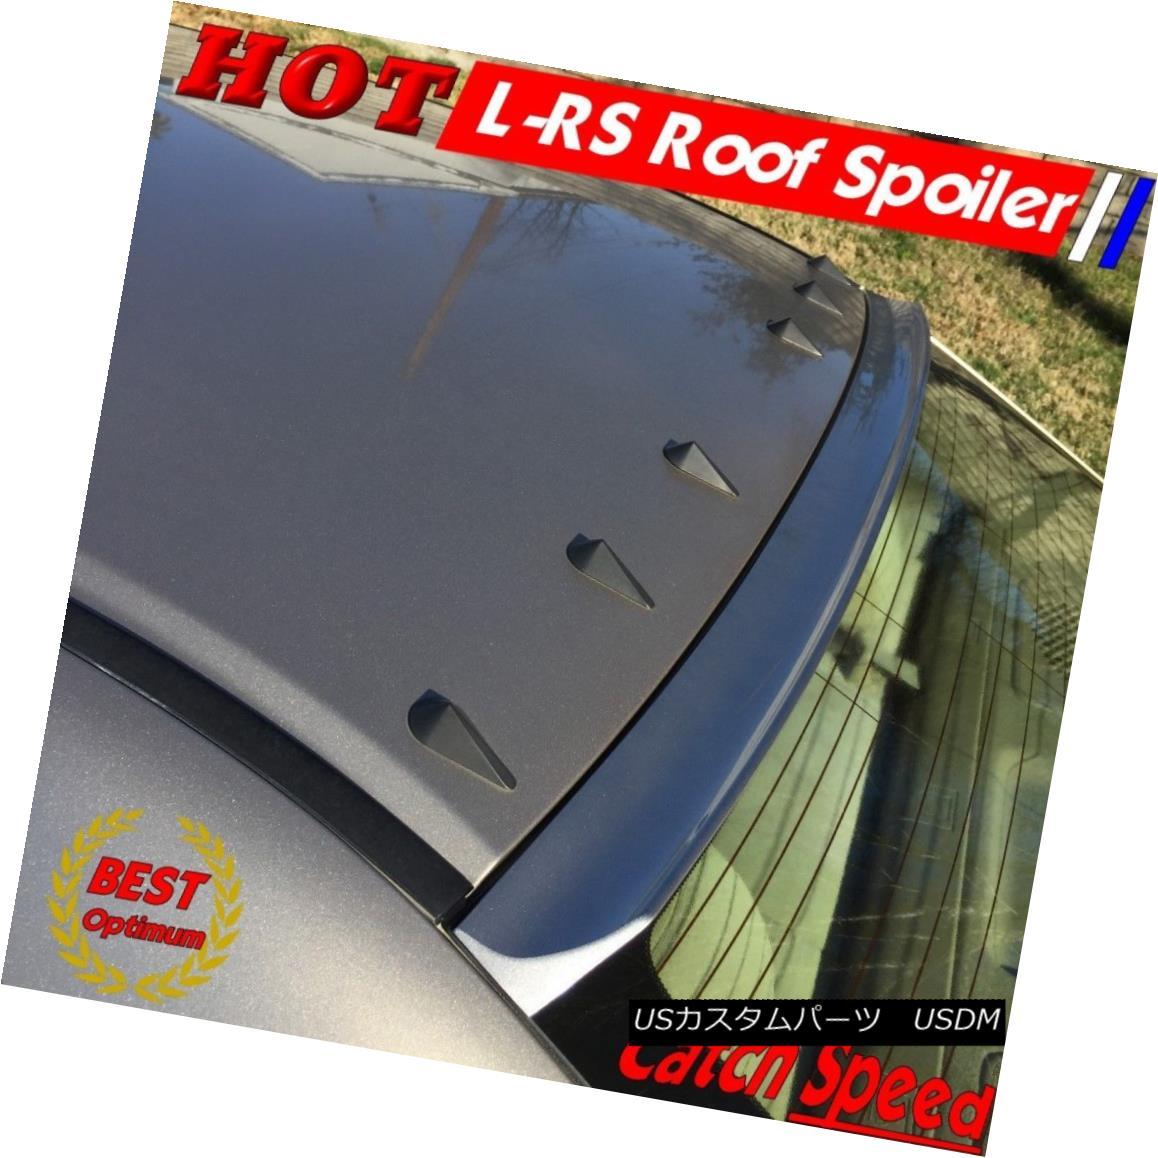 エアロパーツ Flat Black LRS Rear Roof Spoiler Wing For Ford Foucs Mondeo MK3 Sedan 2000-07 ? フォードフォーカス用フラットブラックLRSリアルーフスポイラーウィングモンデオMK3セダン2000-07?